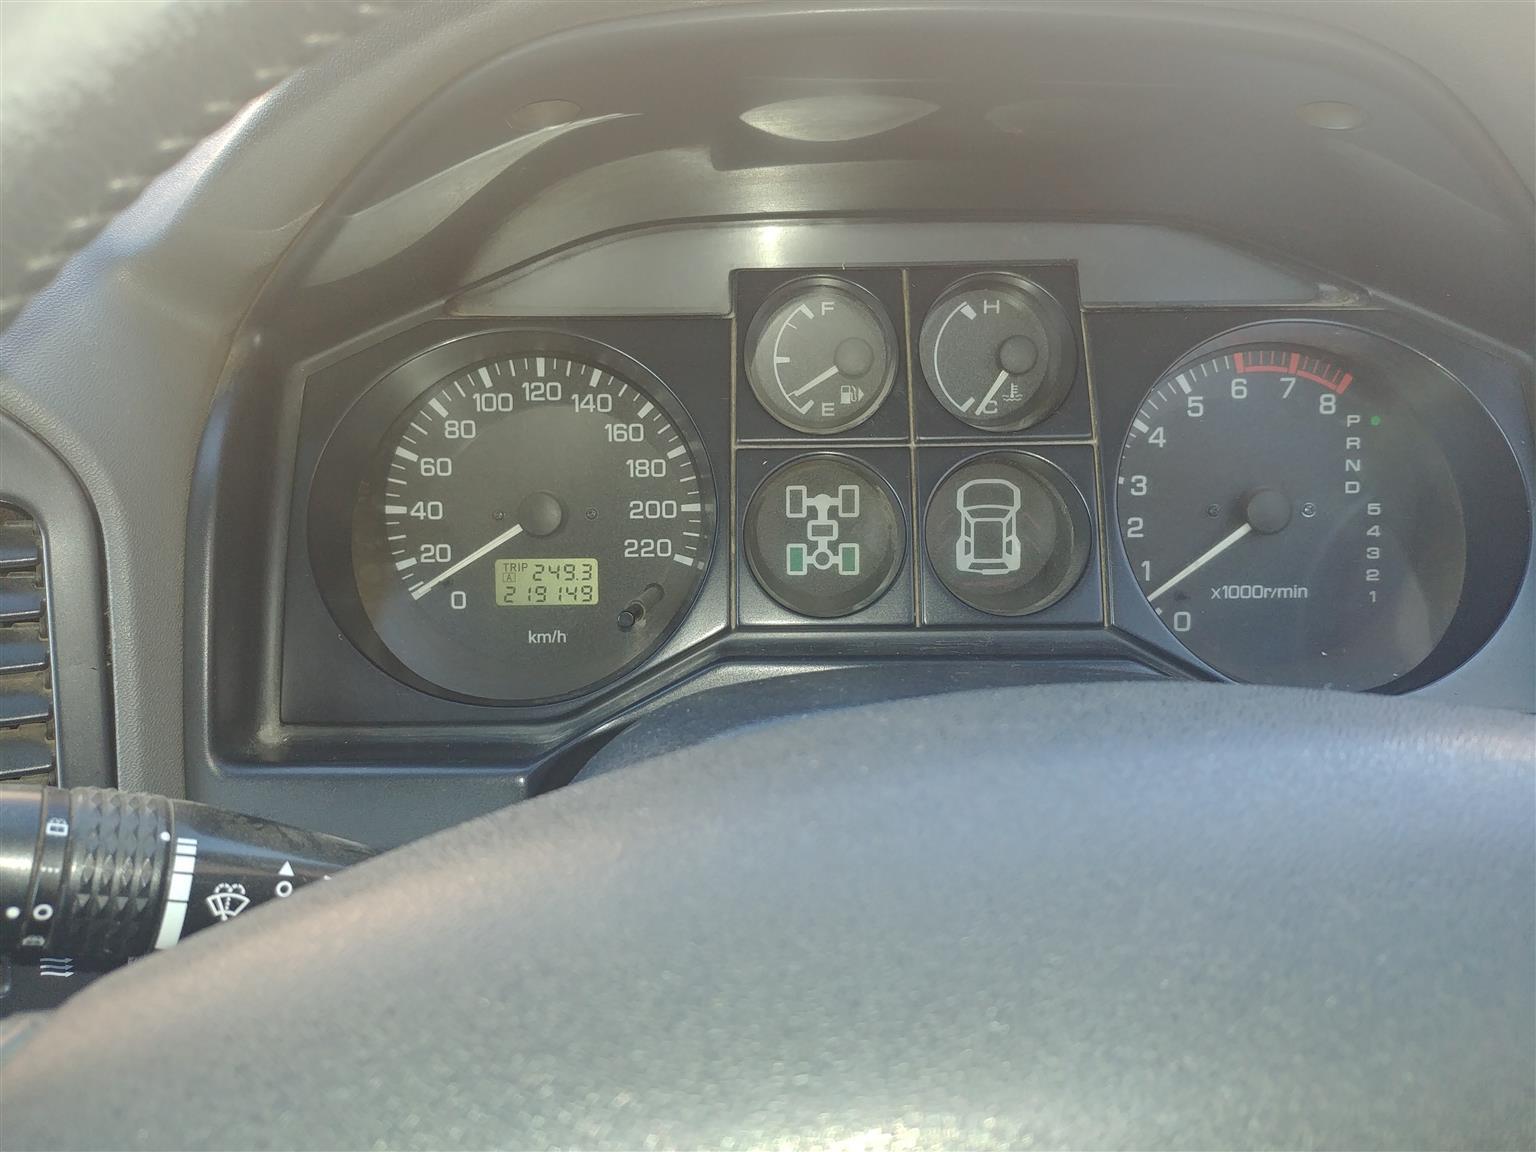 2005 Mitsubishi Pajero Sport 2.5DI D 4x4 auto